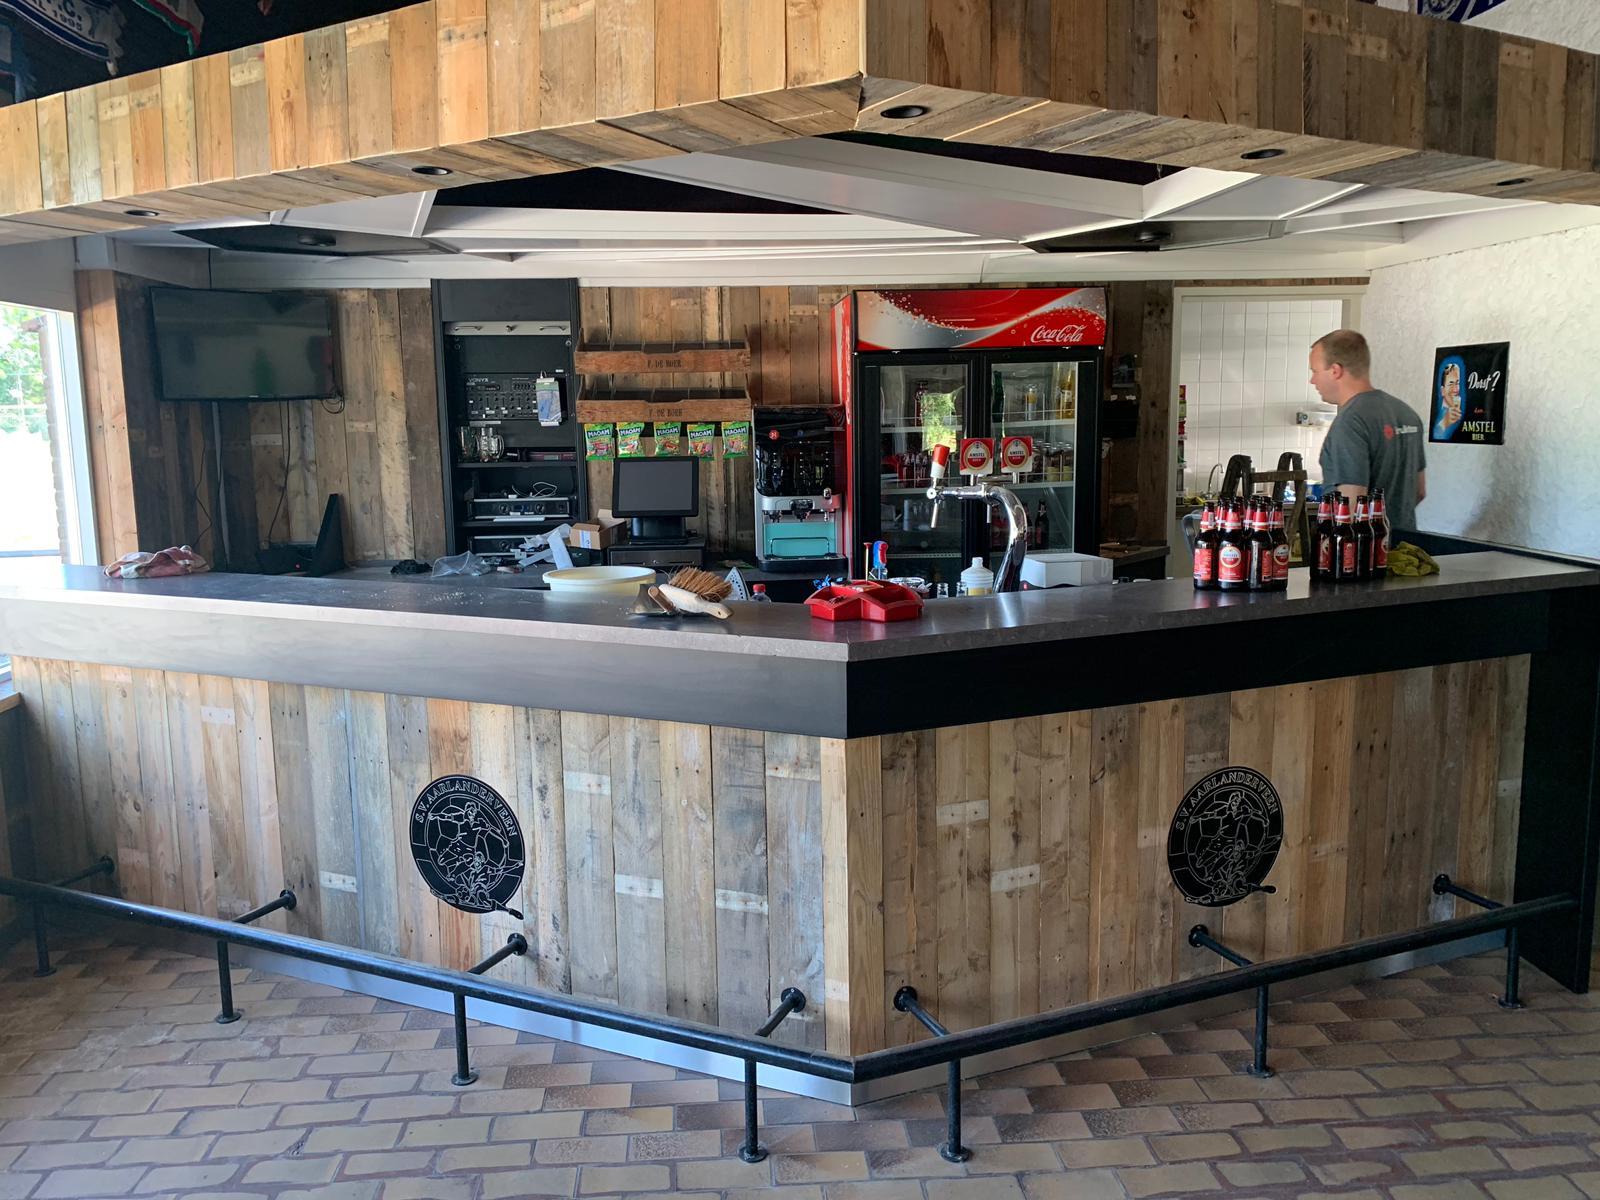 Vernieuwing van de bar